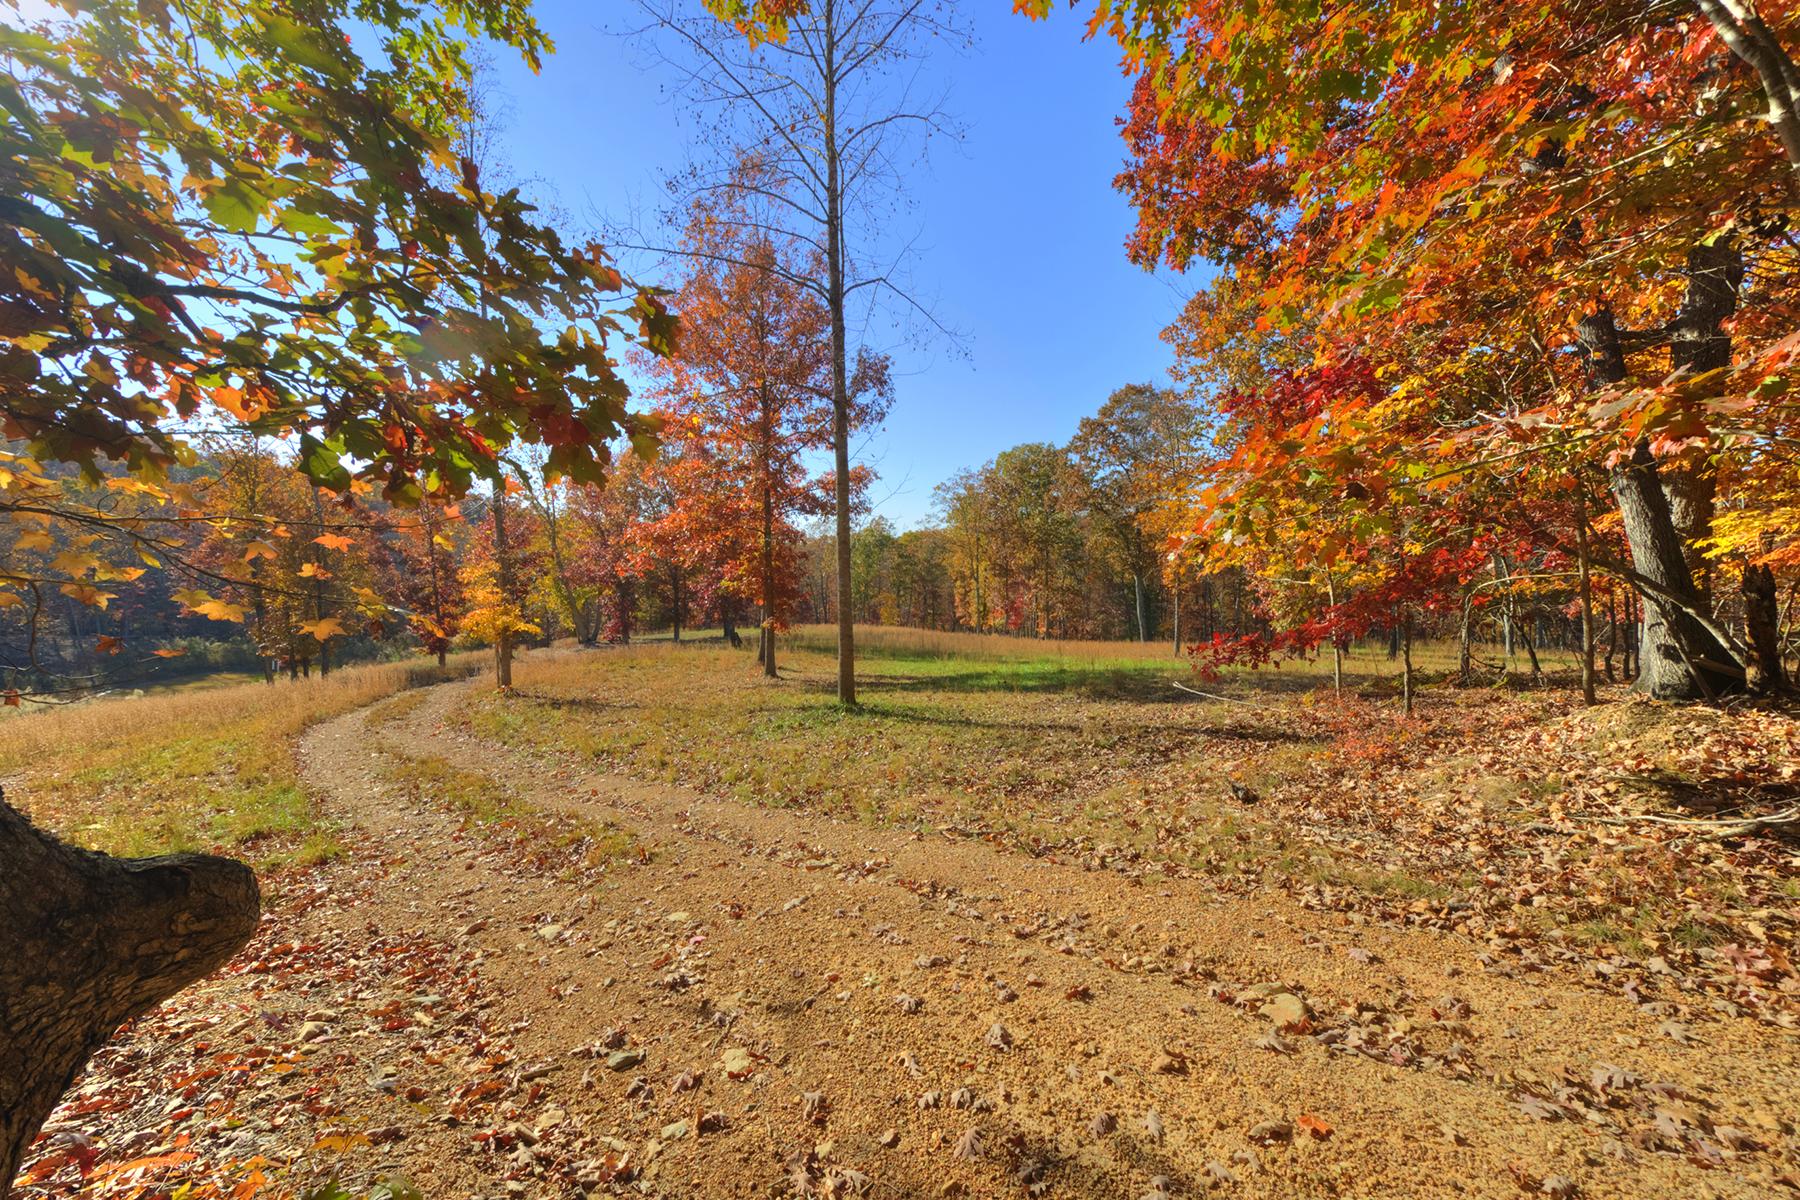 Terreno para Venda às LAKE SHORE 369 Lakeshore Dr New London, Carolina Do Norte, 28127 Estados Unidos